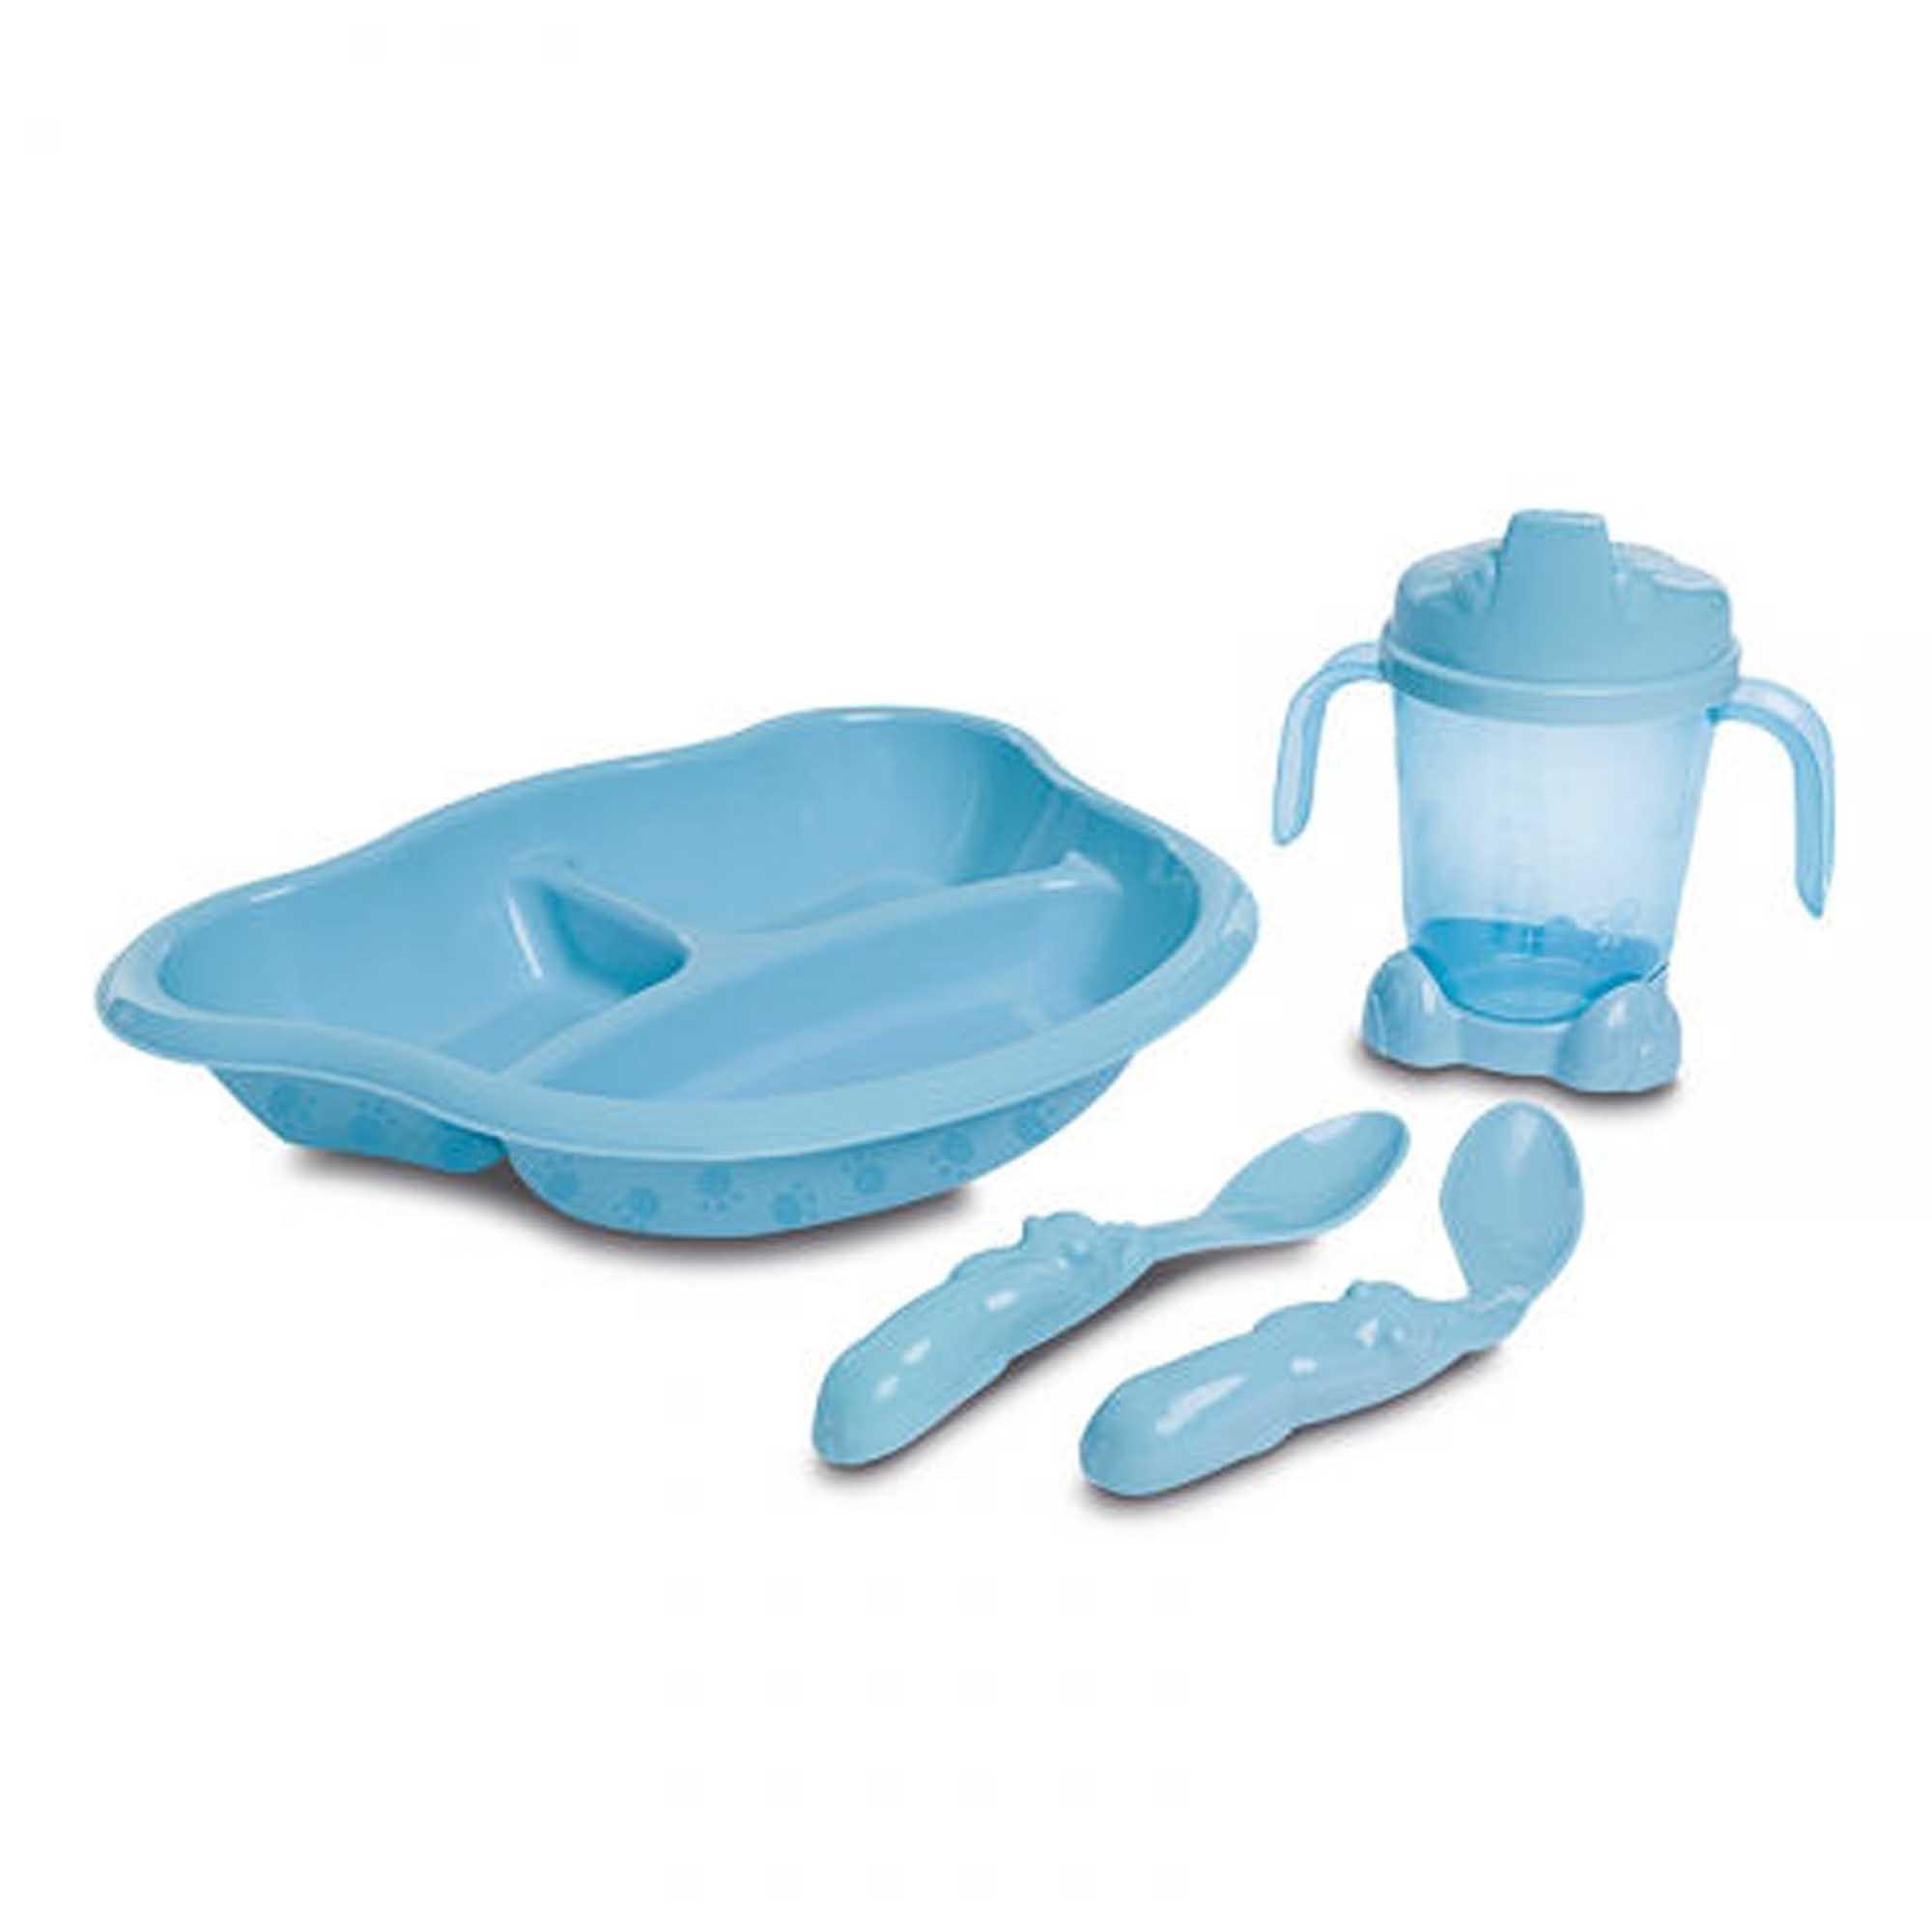 Kit Alimentação Cajovil Adoleta Bebê Econômico: Prato, Copo e Duas Colheres - Azul